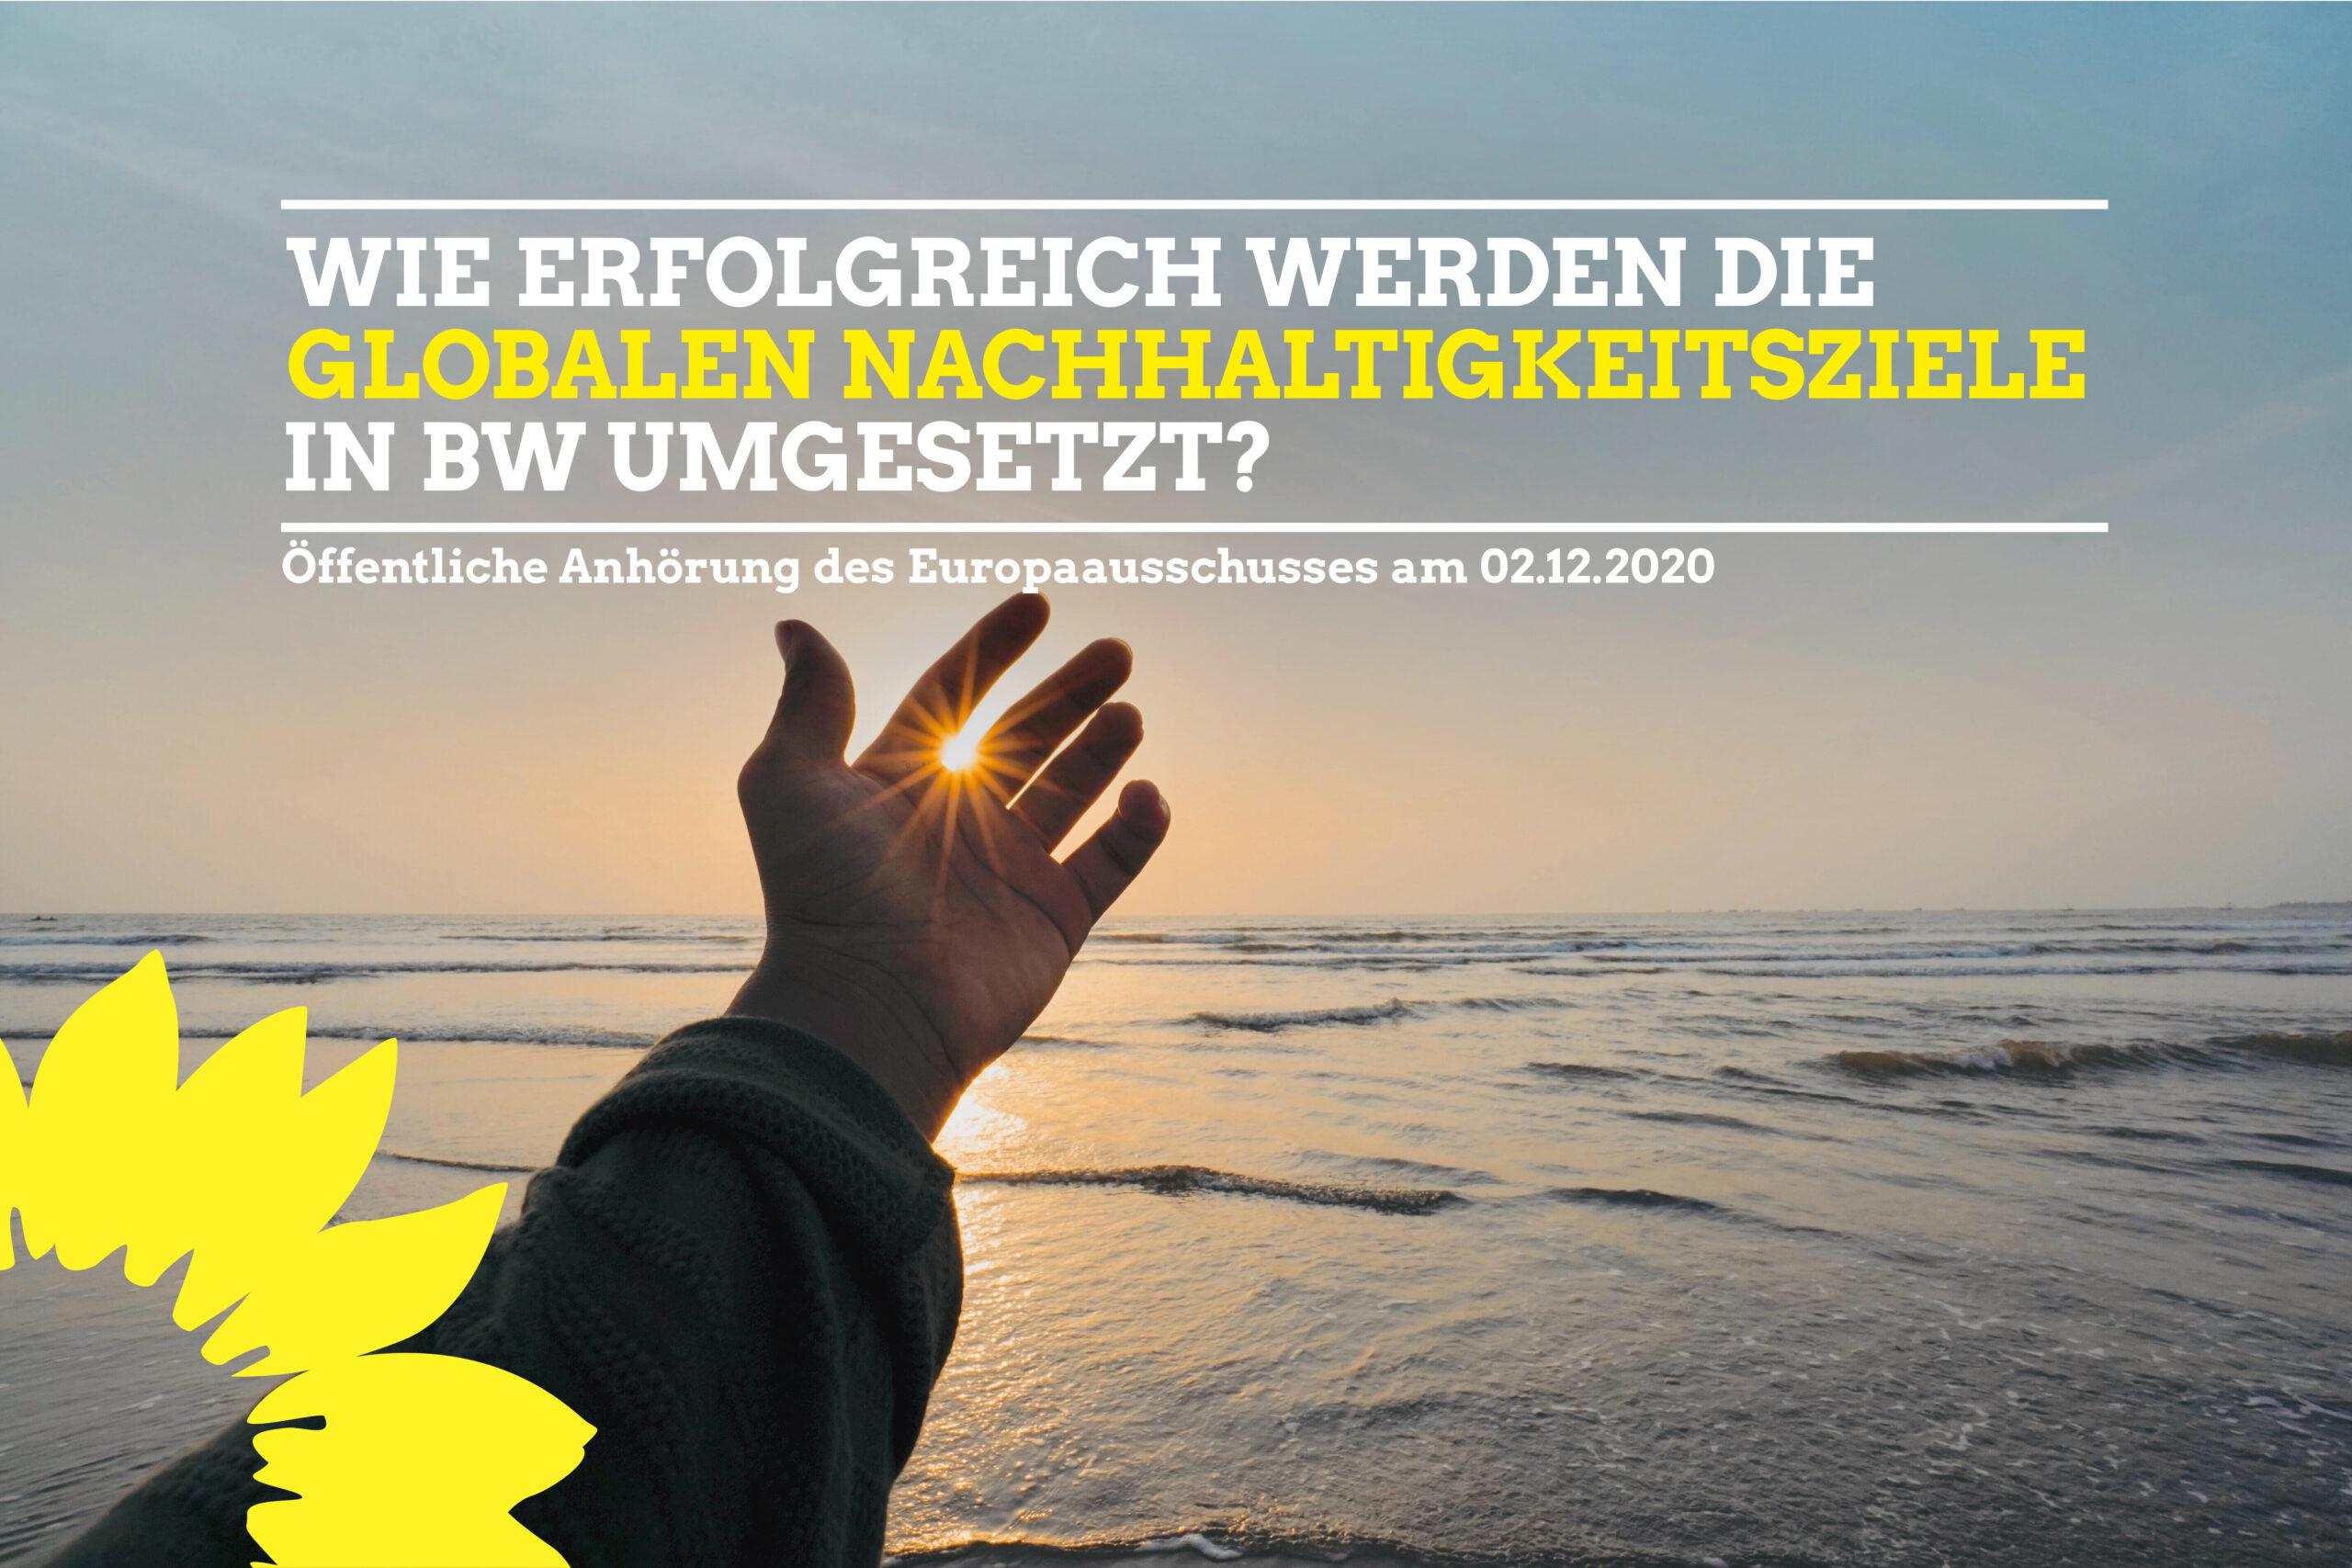 Öffentliche Anhörung des Europaausschusses zur Umsetzung der Agenda 2030 in Baden-Württemberg